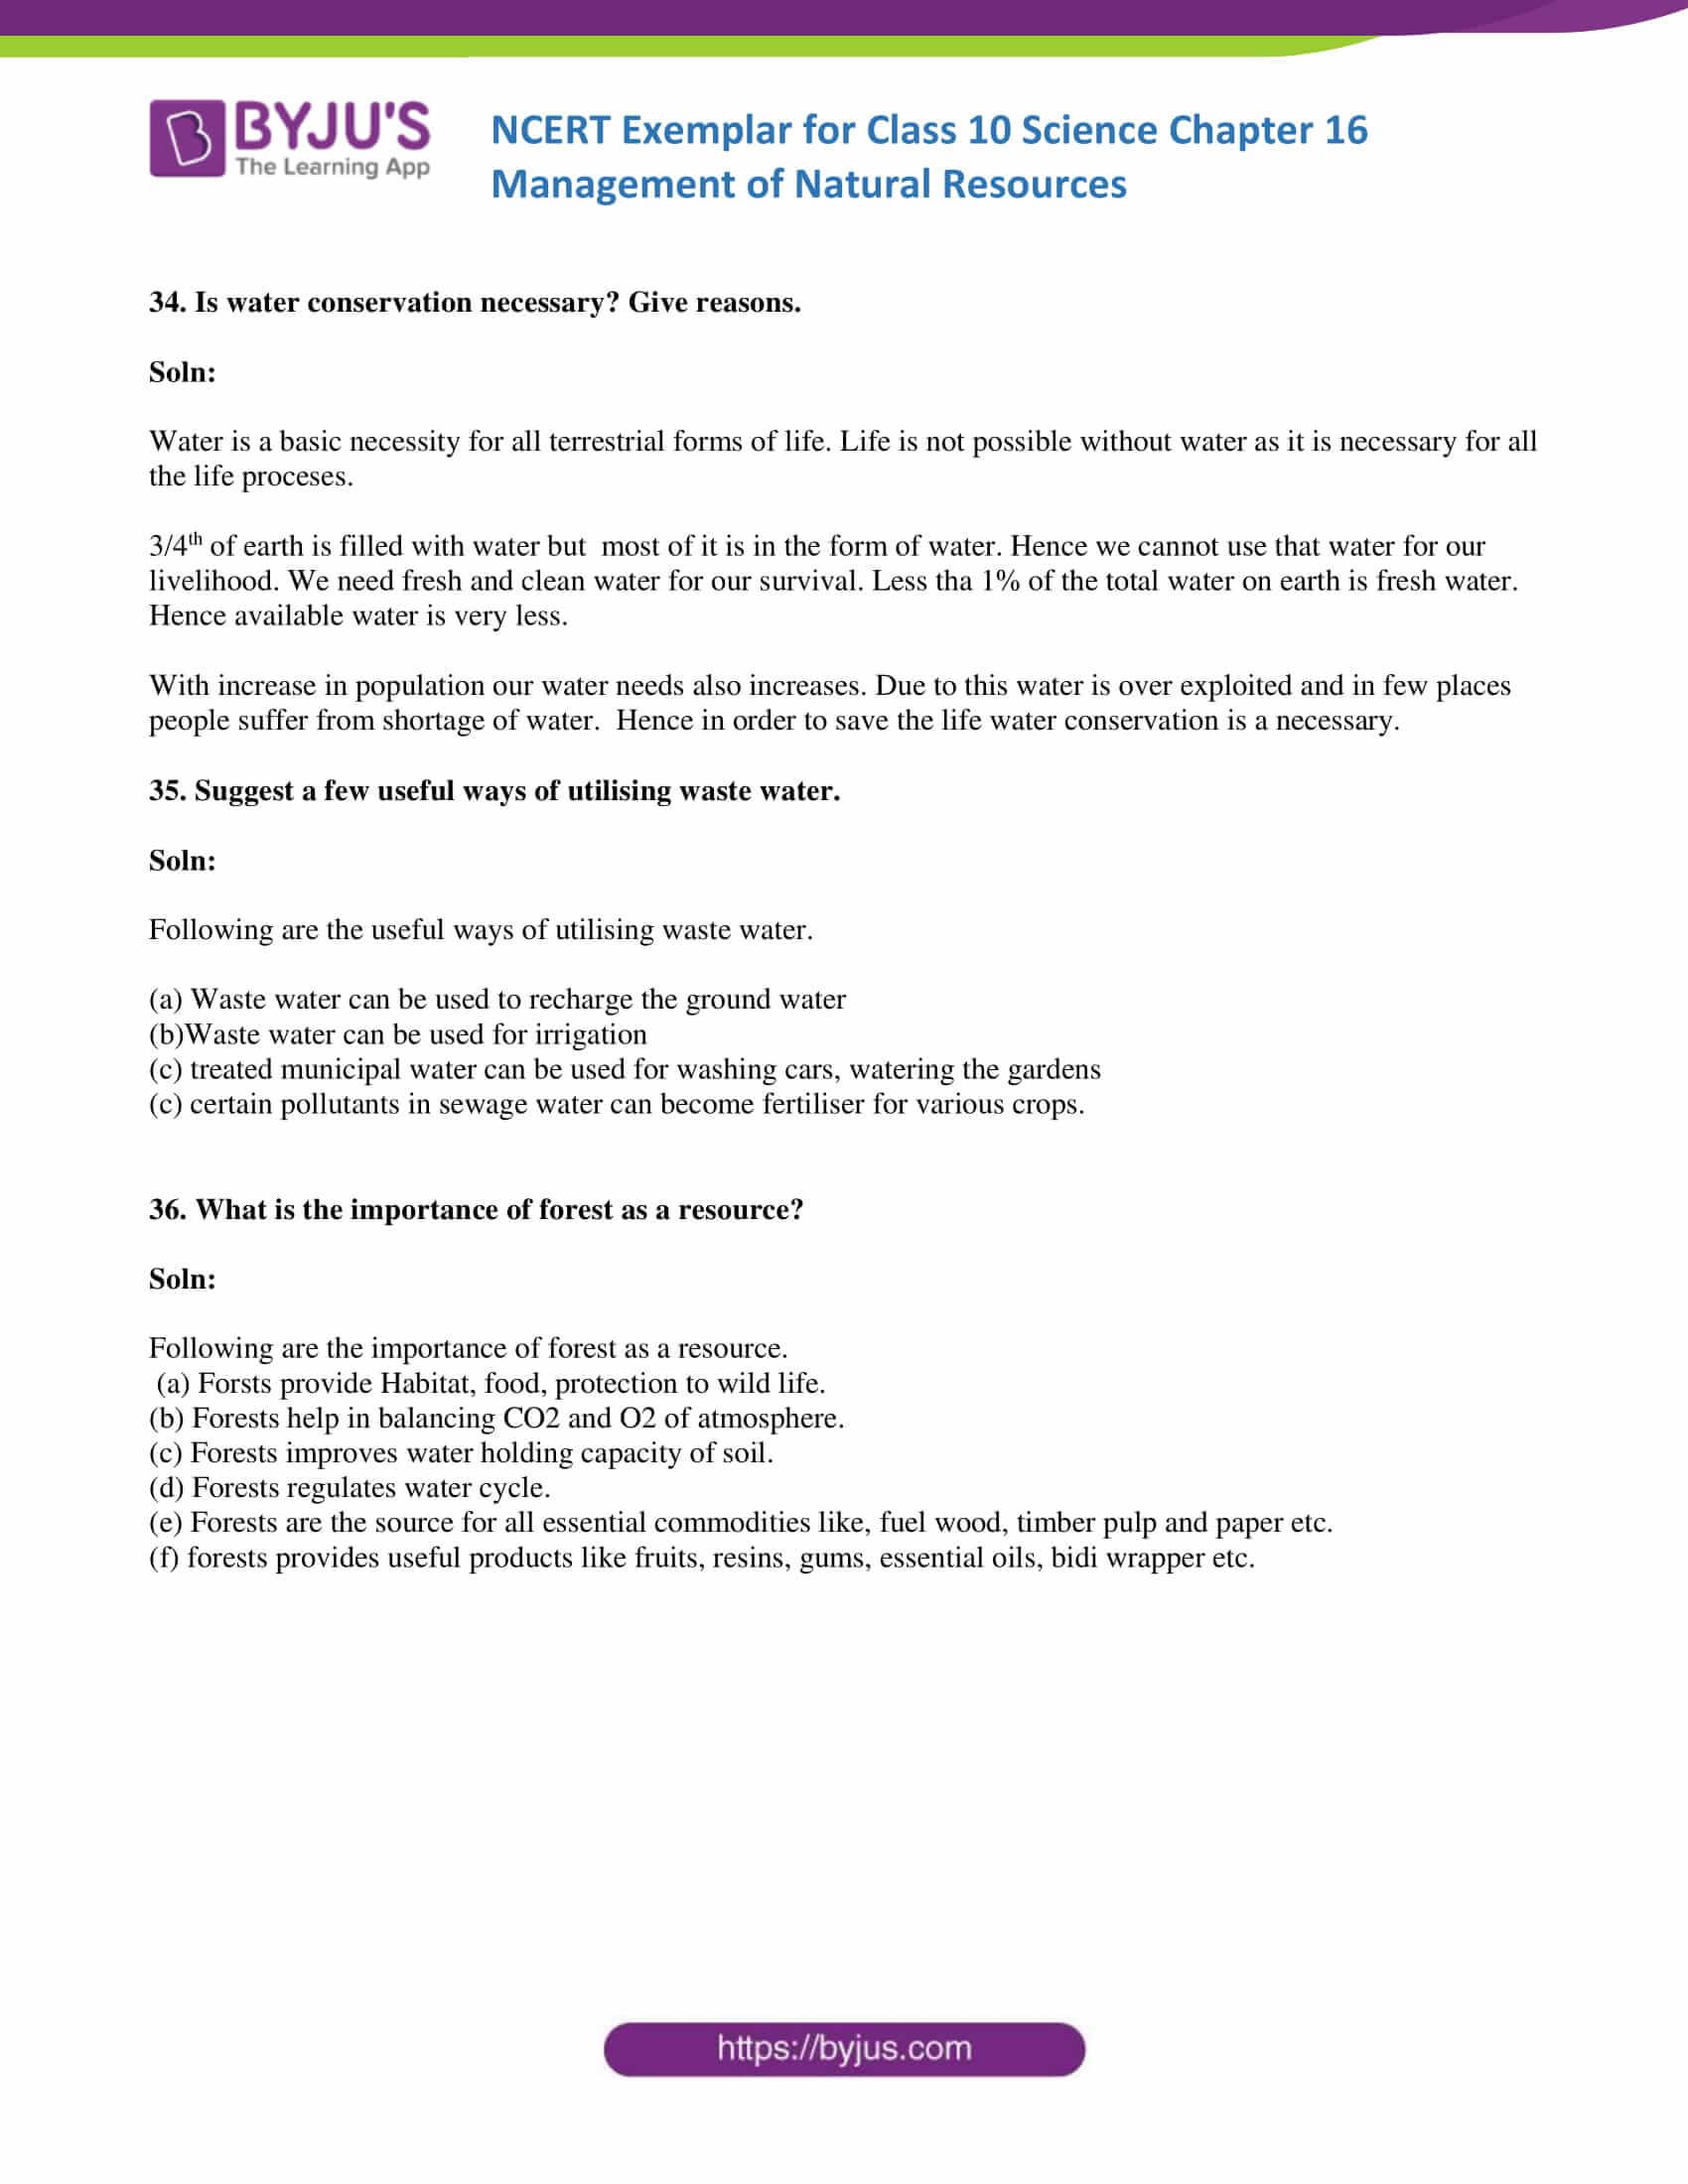 NCERT Exemplar solution class 10 Science Chapter 16 part 12